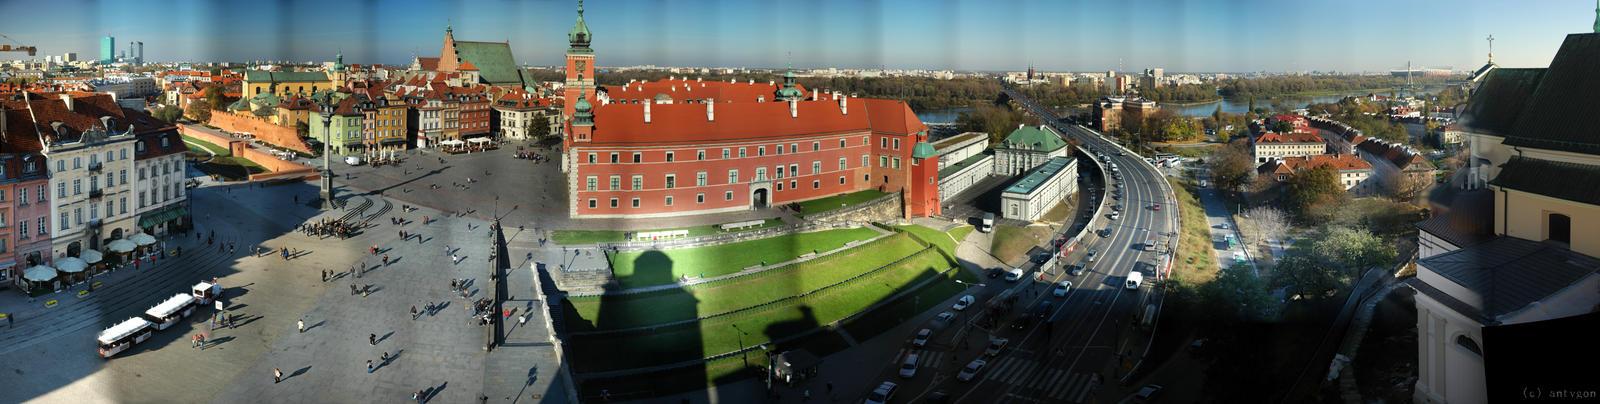 Warsaw - Royal Castle